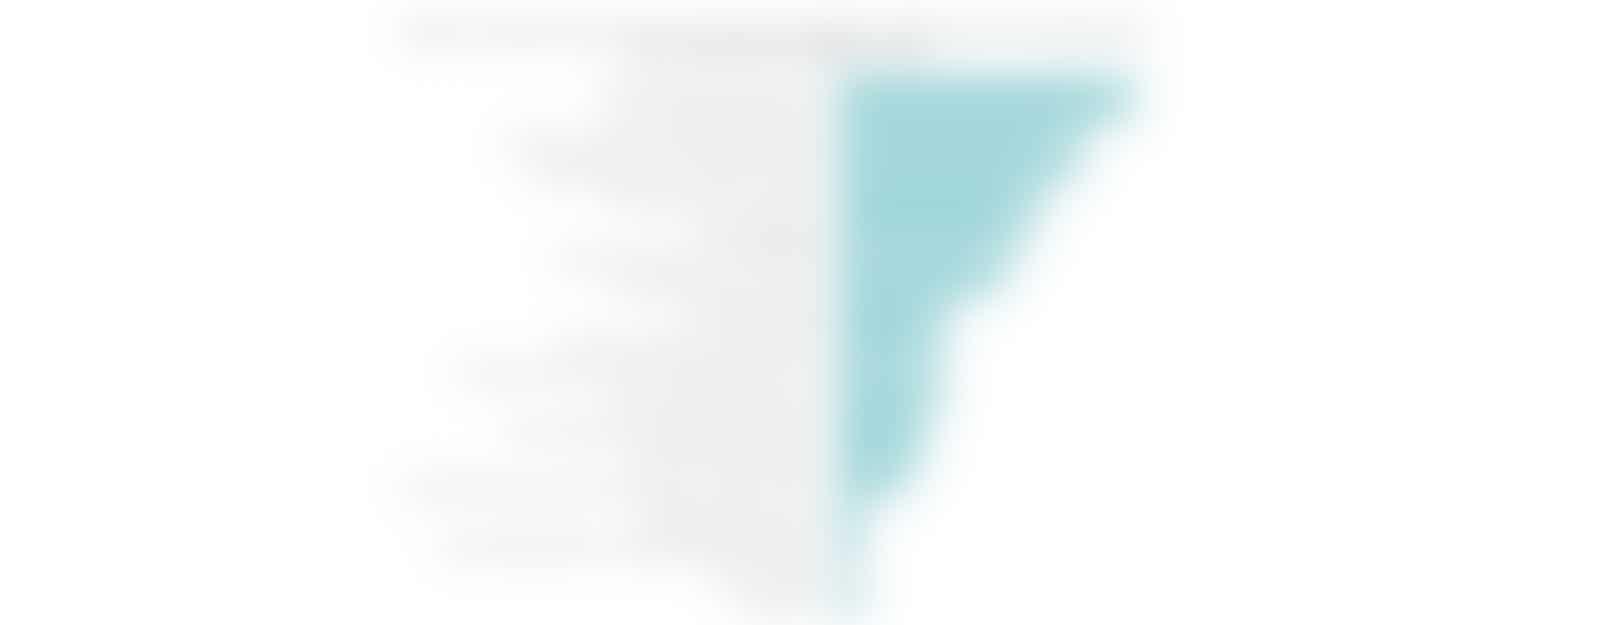 Staafdiagram motivaties onderzoek